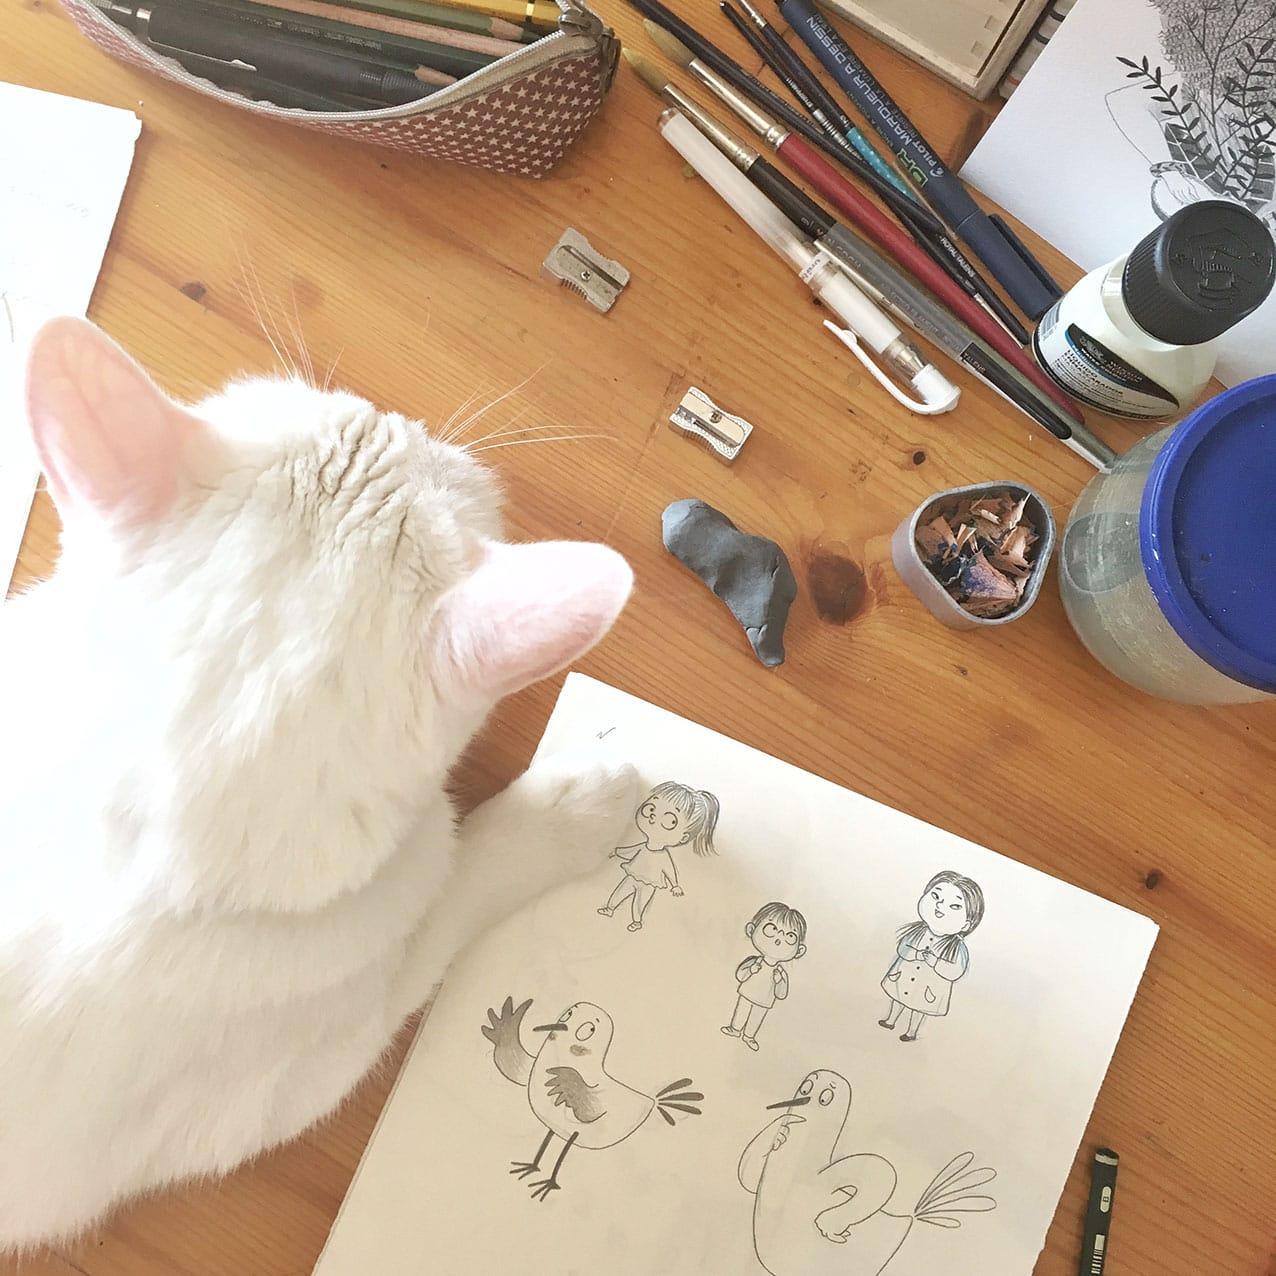 Estilo e ilustración, estilo del ilustrador, como conseguir estilo propio ilustrando, proceso de ilustración, boceto de ilustración para niños, Mar Villar,